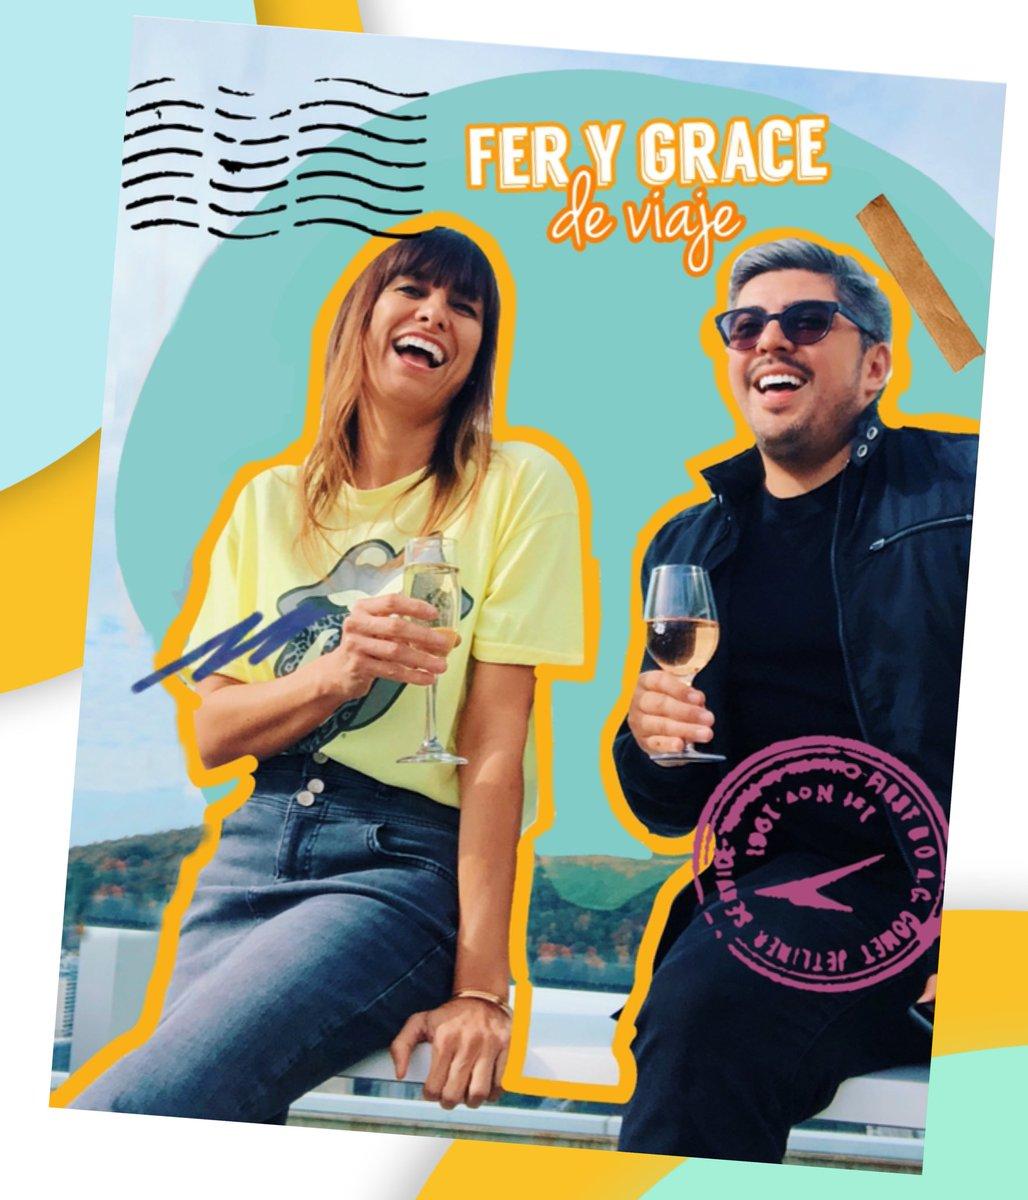 Amigooooos, el @fernando_velam y yo tenemos podcast por fin!! Se que morian por oírlo, pues ya llego! Todos los secretos de viaje que tenemos, lo que hemos vivido, aciertos y errores en un podcast #GraceyFerDeViaje escuchen please, si les gusta RT 🙏🙏🙏